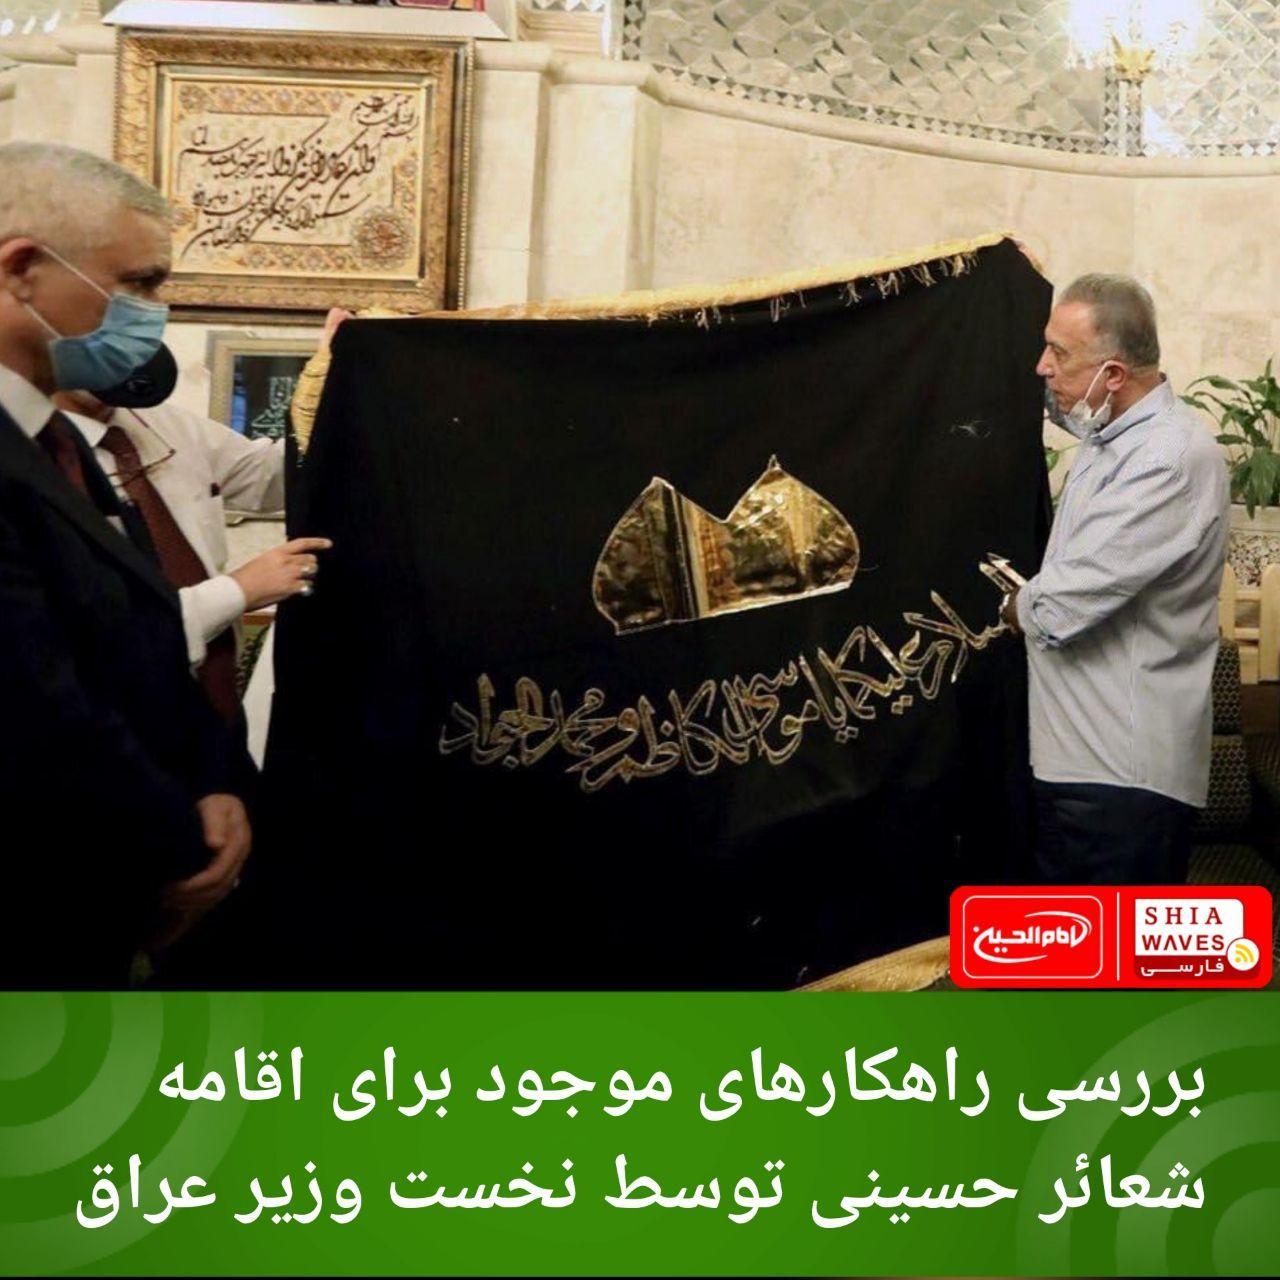 تصویر بررسی راهکارهای موجود برای اقامه شعائر حسینی توسط نخست وزیر عراق